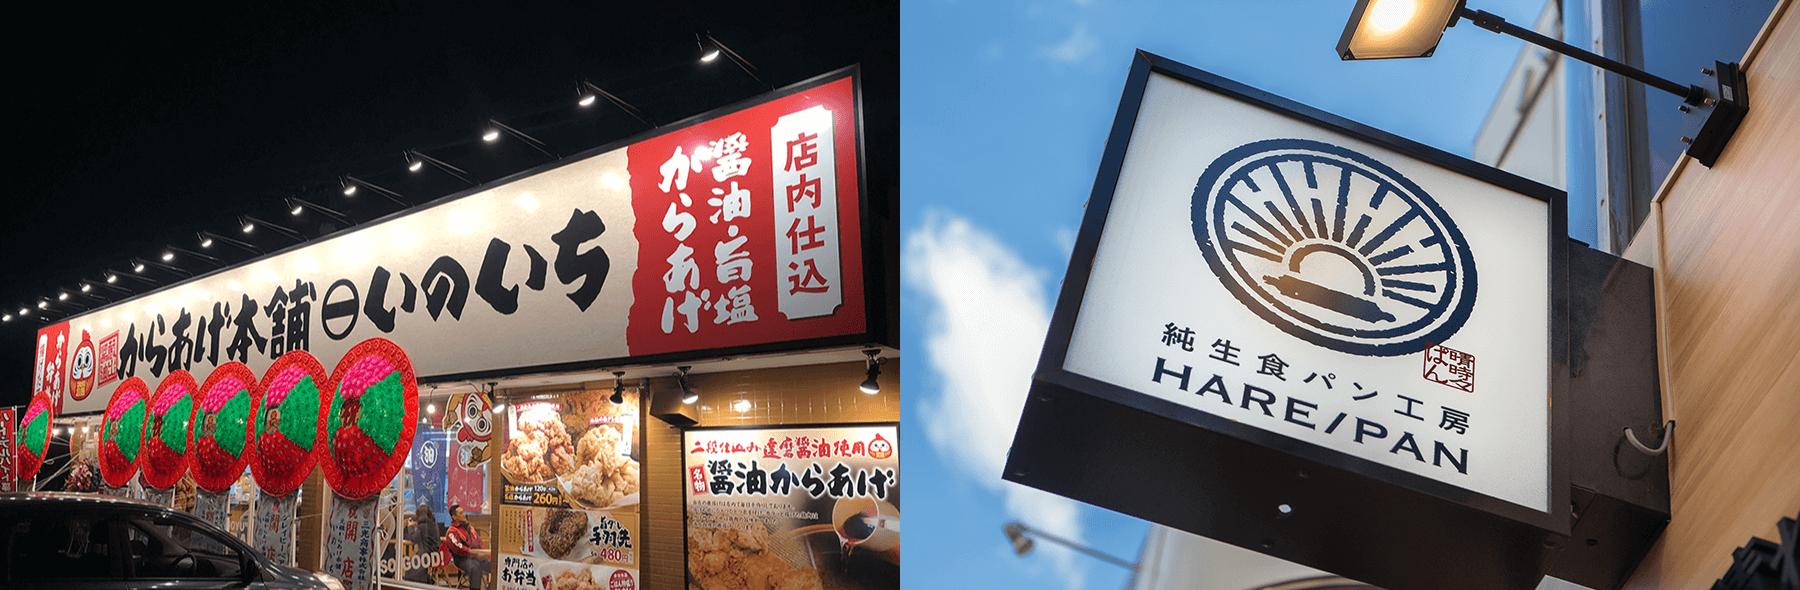 店舗一覧|オーナー様向けのFC加盟・飲食店業務提携事業「有限会社いのいち」